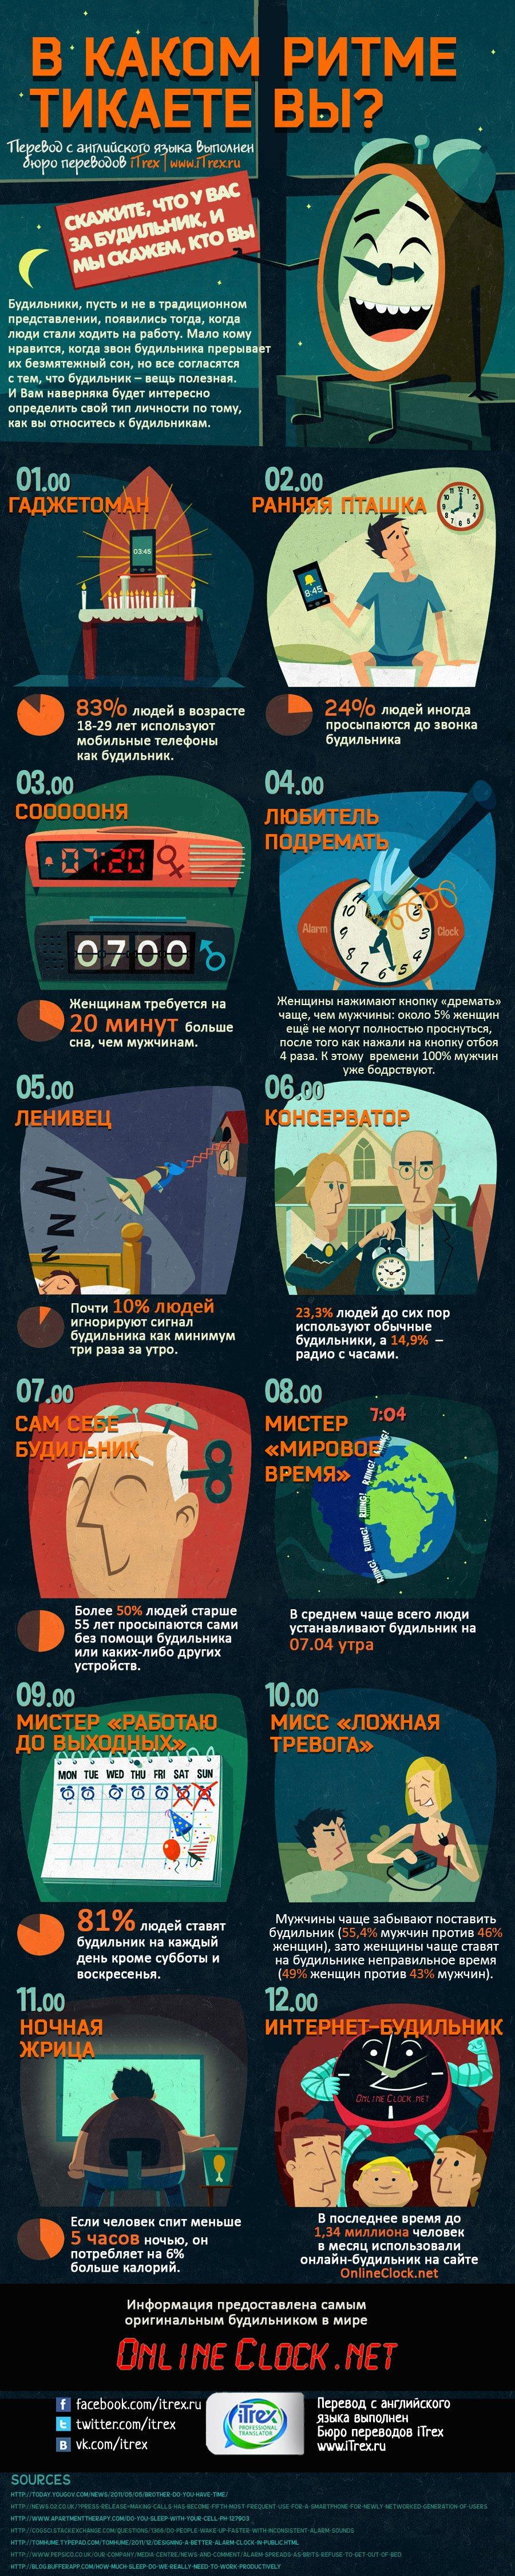 Перевод сделан в Бюро переводов iTrex, Москва: В каком ритме тикаете вы?